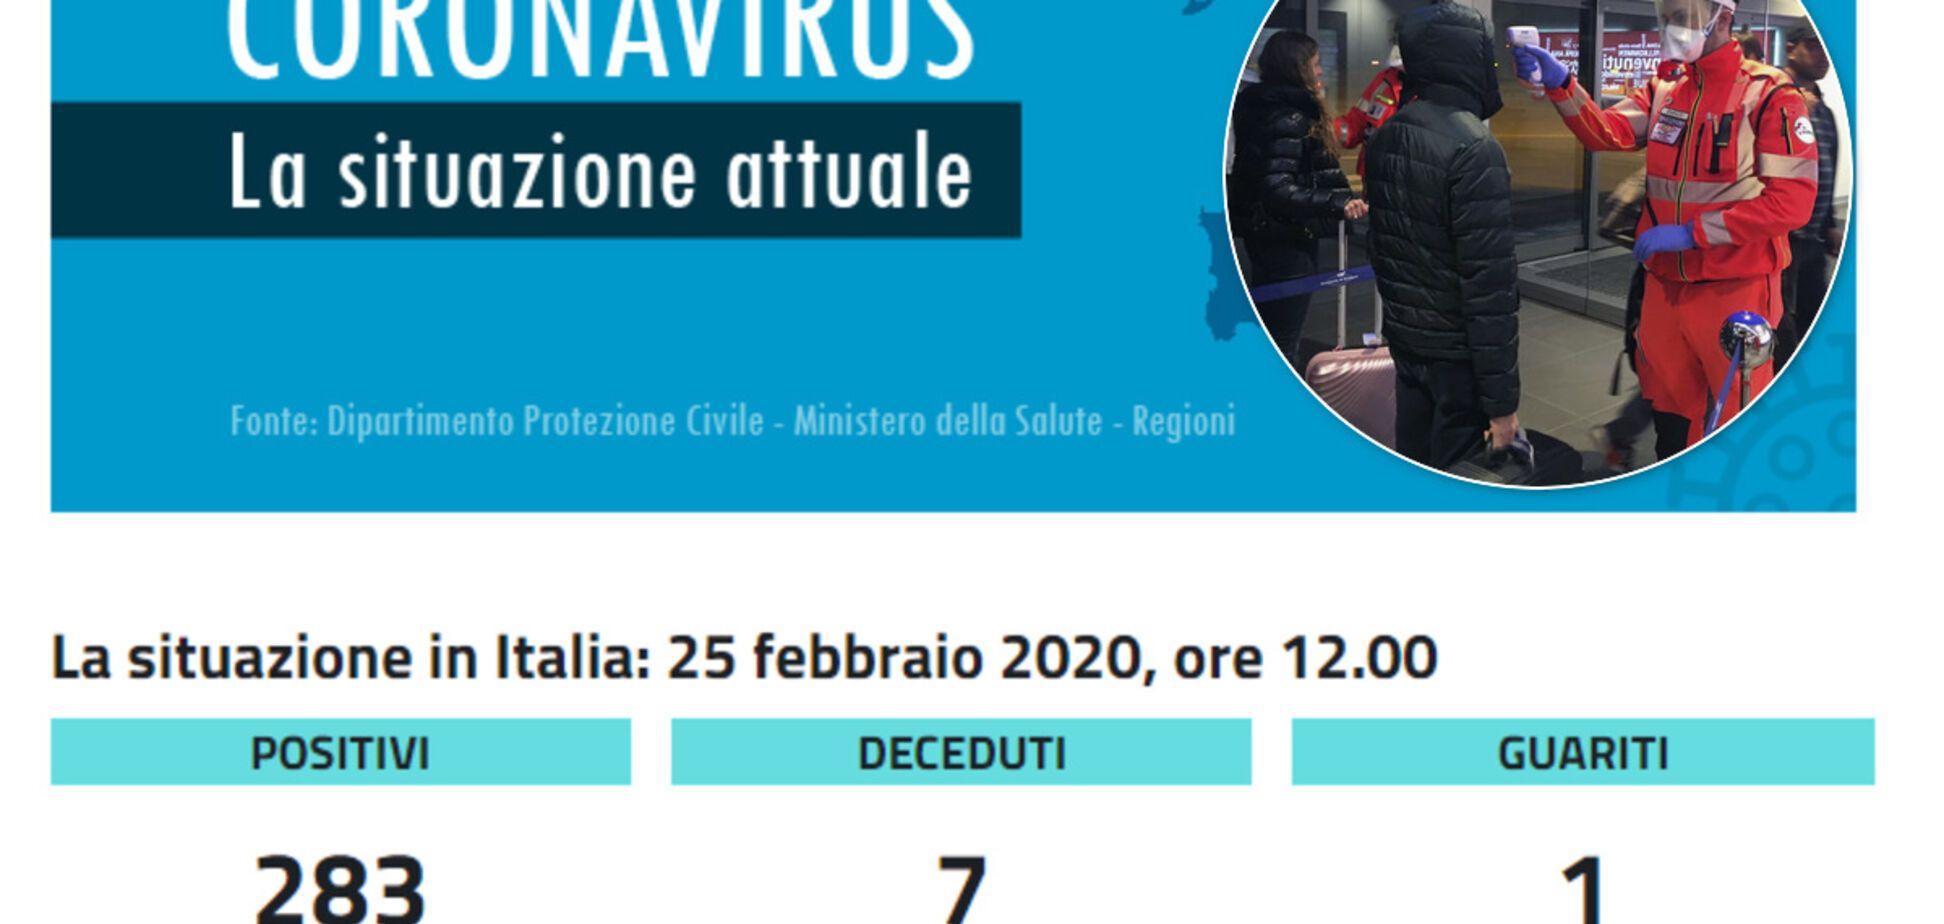 Коронавирус в Италии: украинские туристы напуганы и отказываются от поездок